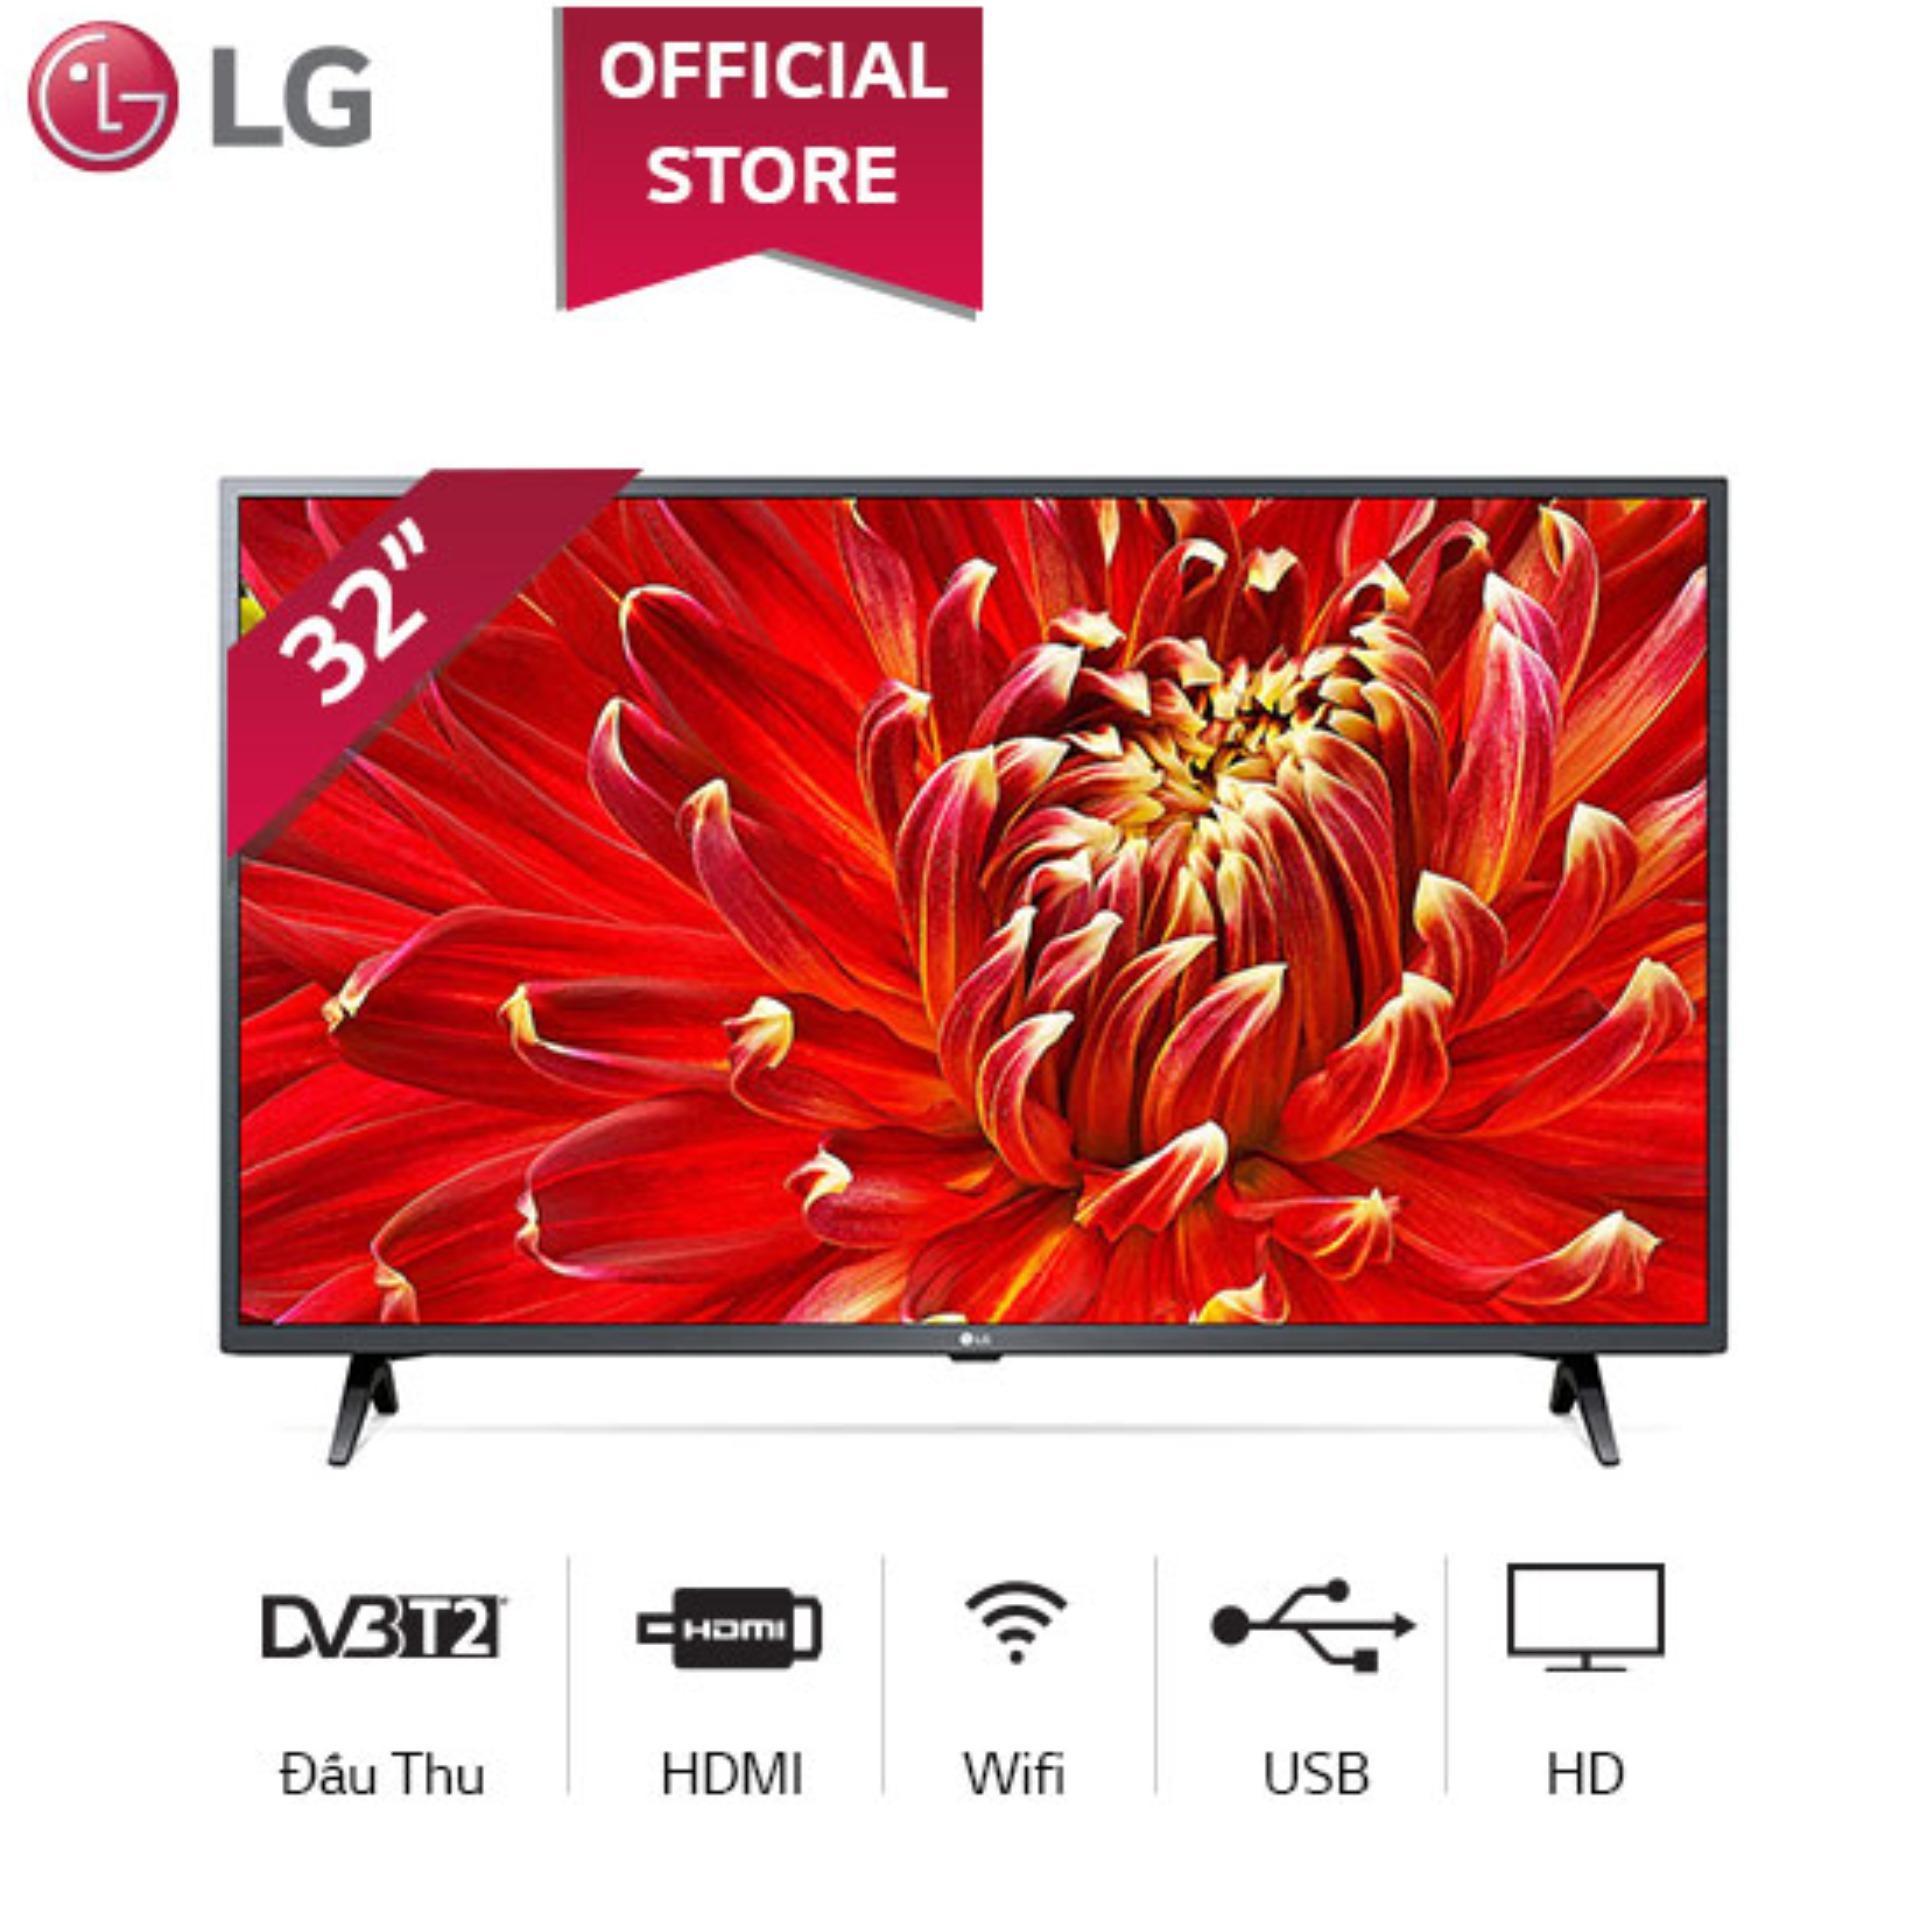 Smart TV LG 32inch HD - Model 32LM630BPTB (2019) Chip xử lý Quad Core Active HDR Dolby Audio - Hãng phân phối chính thức - Kết nối không dây với điện thoại, máy tính bảng